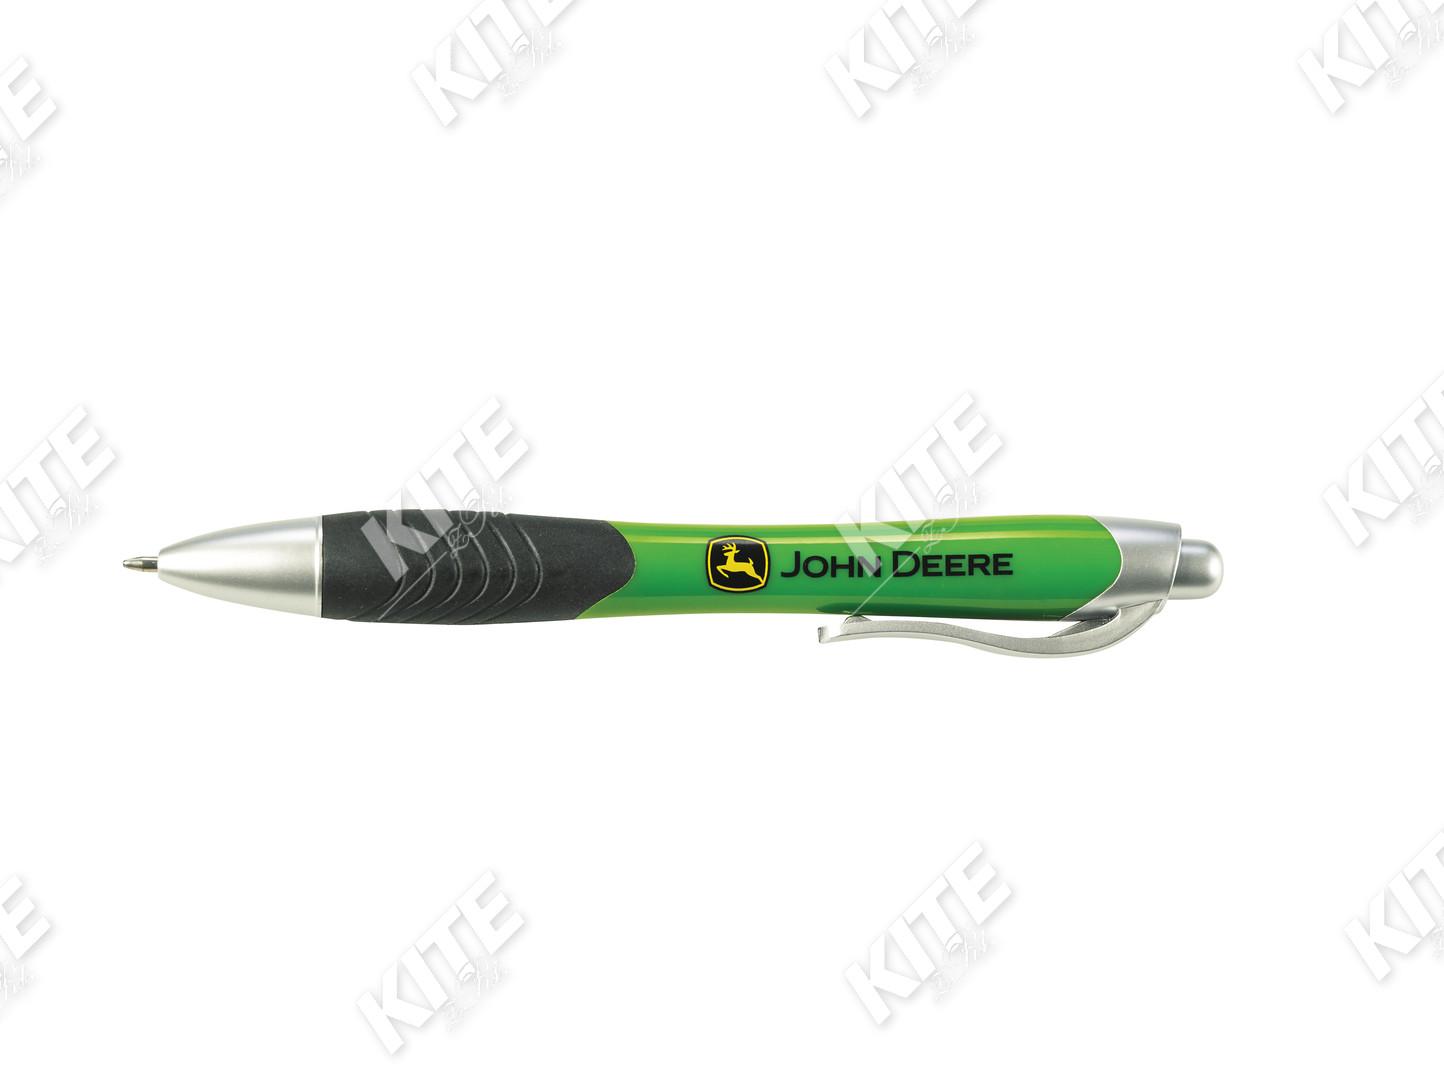 John Deere toll készlet